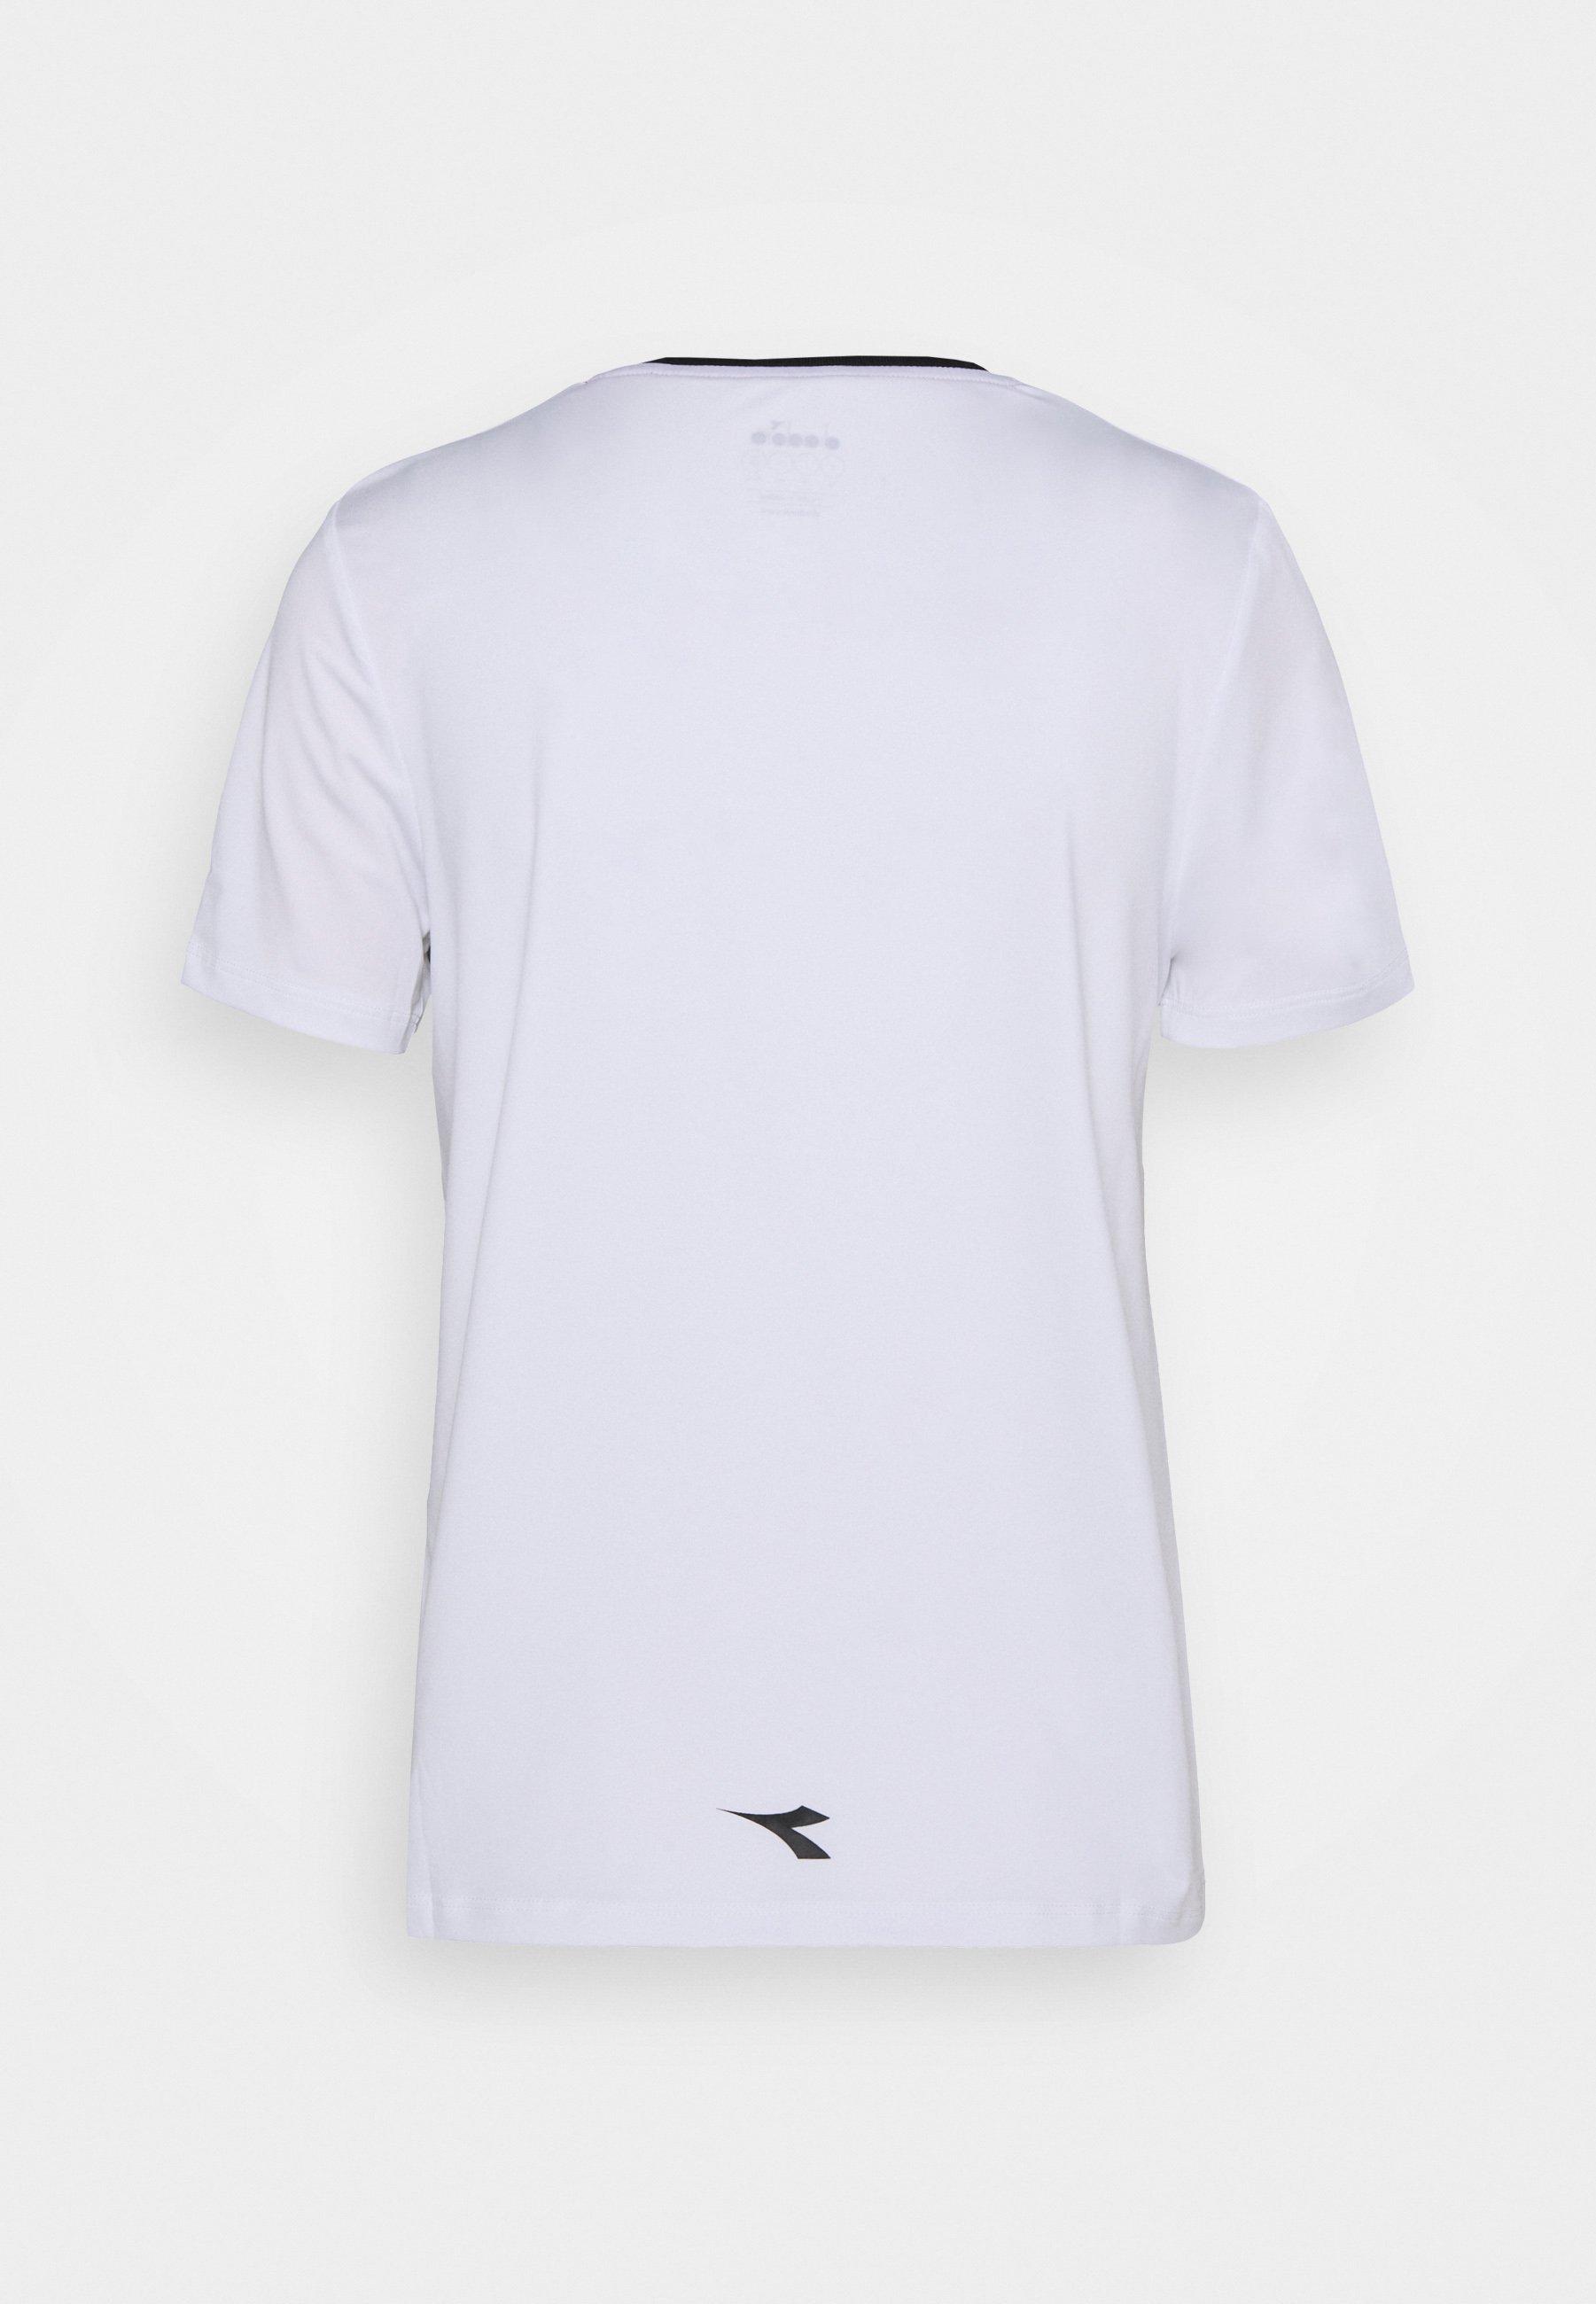 Diadora T-shirt Imprimé - Optical White/black